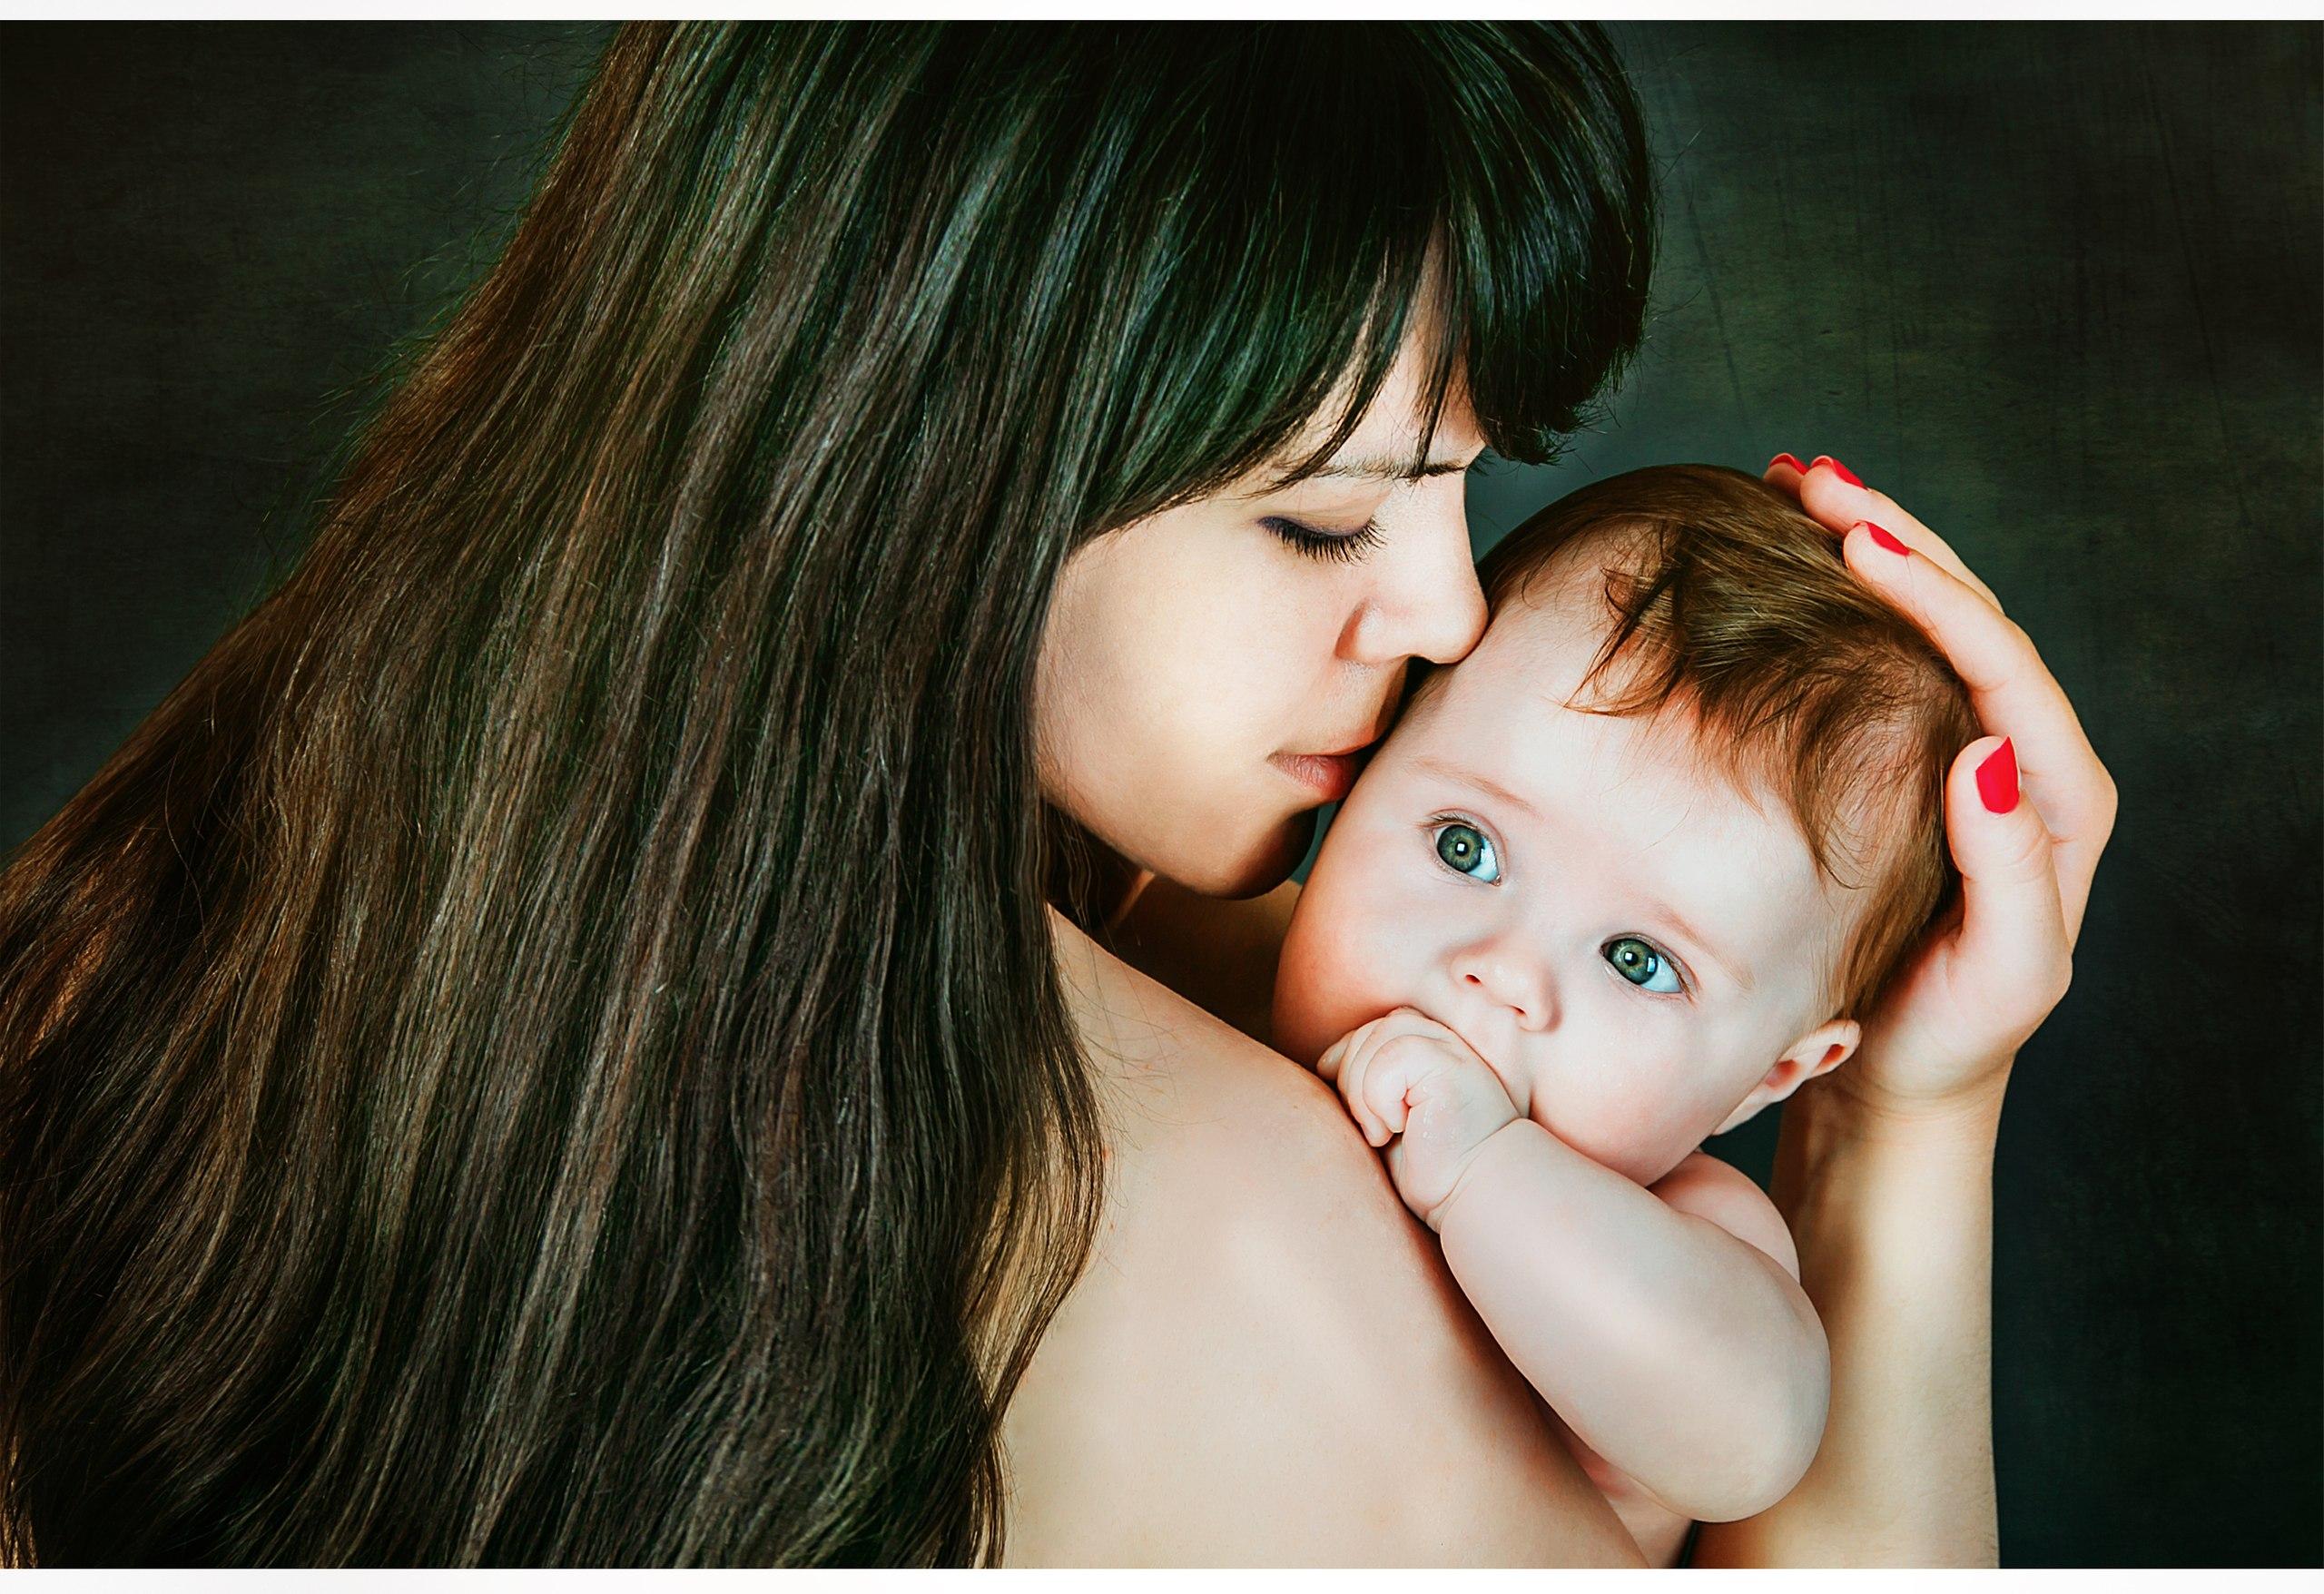 С мамочкой. Вместе с мамой